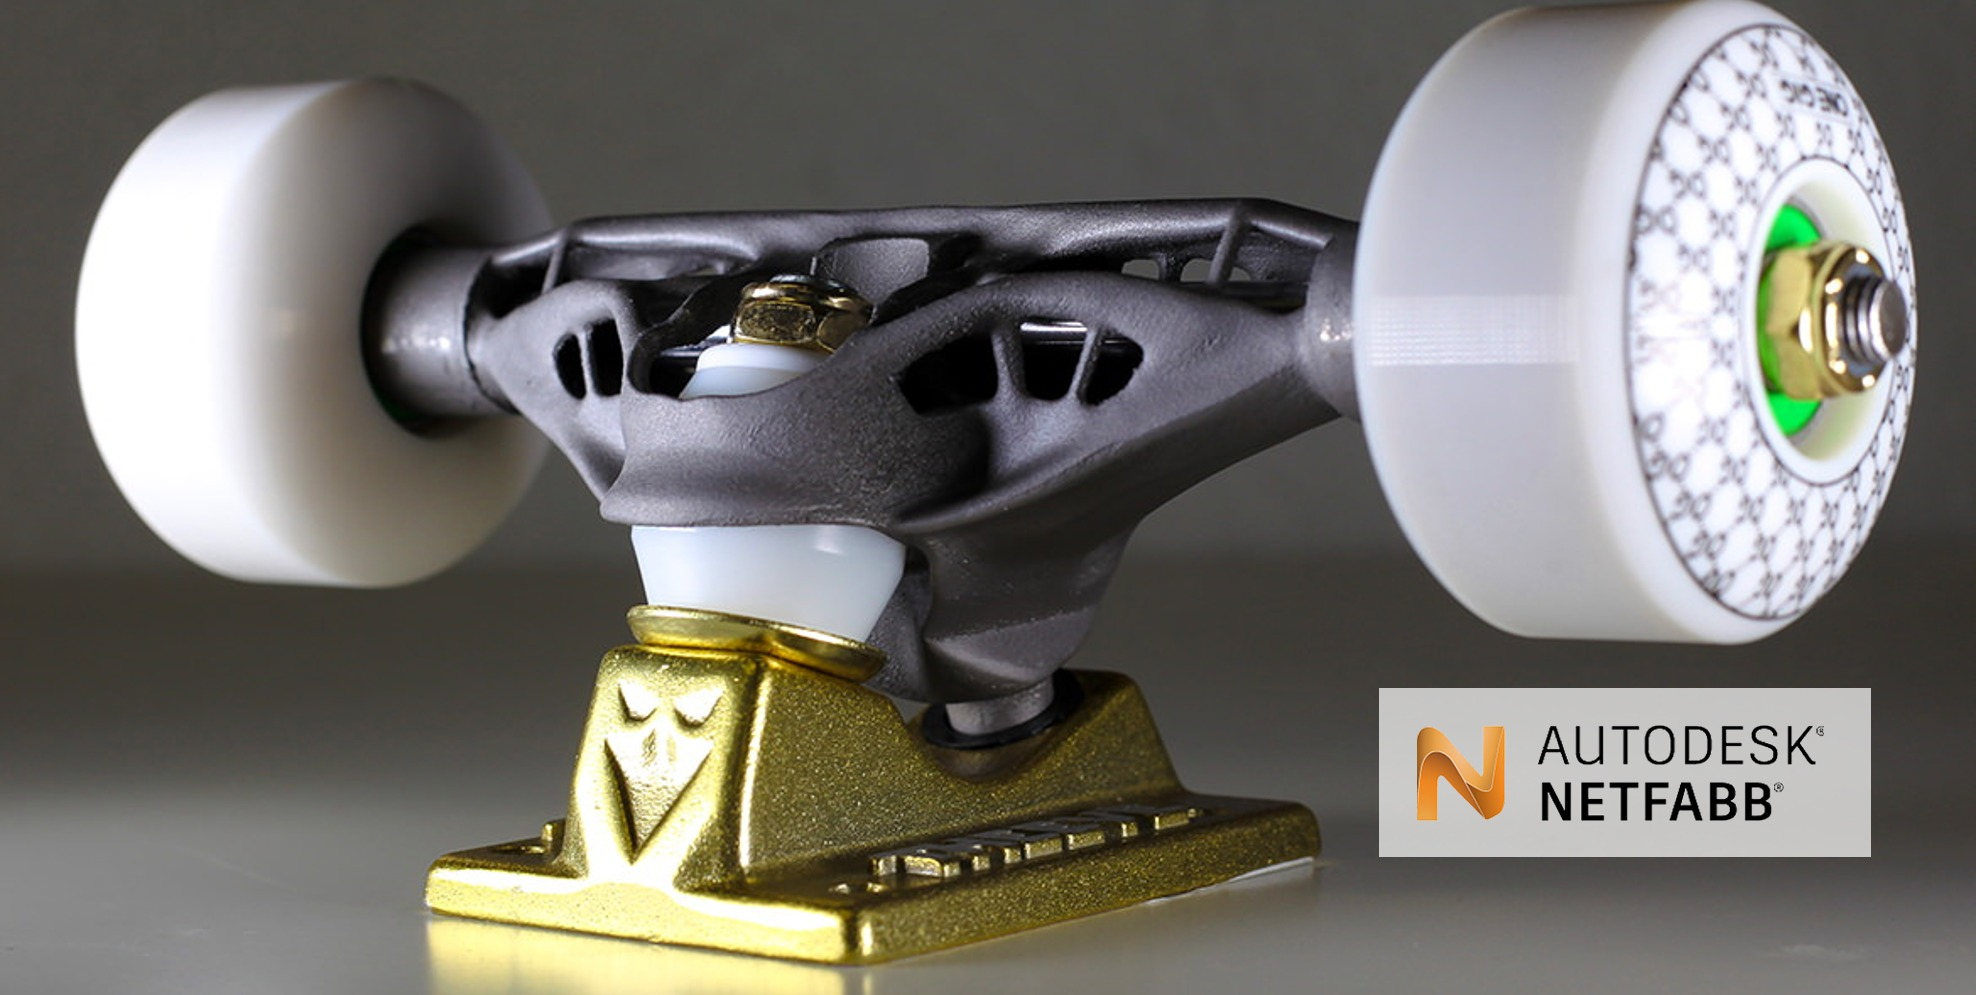 3D積層造形で従来型思想を革新 3Dプリンティングに特化したソフトウェア